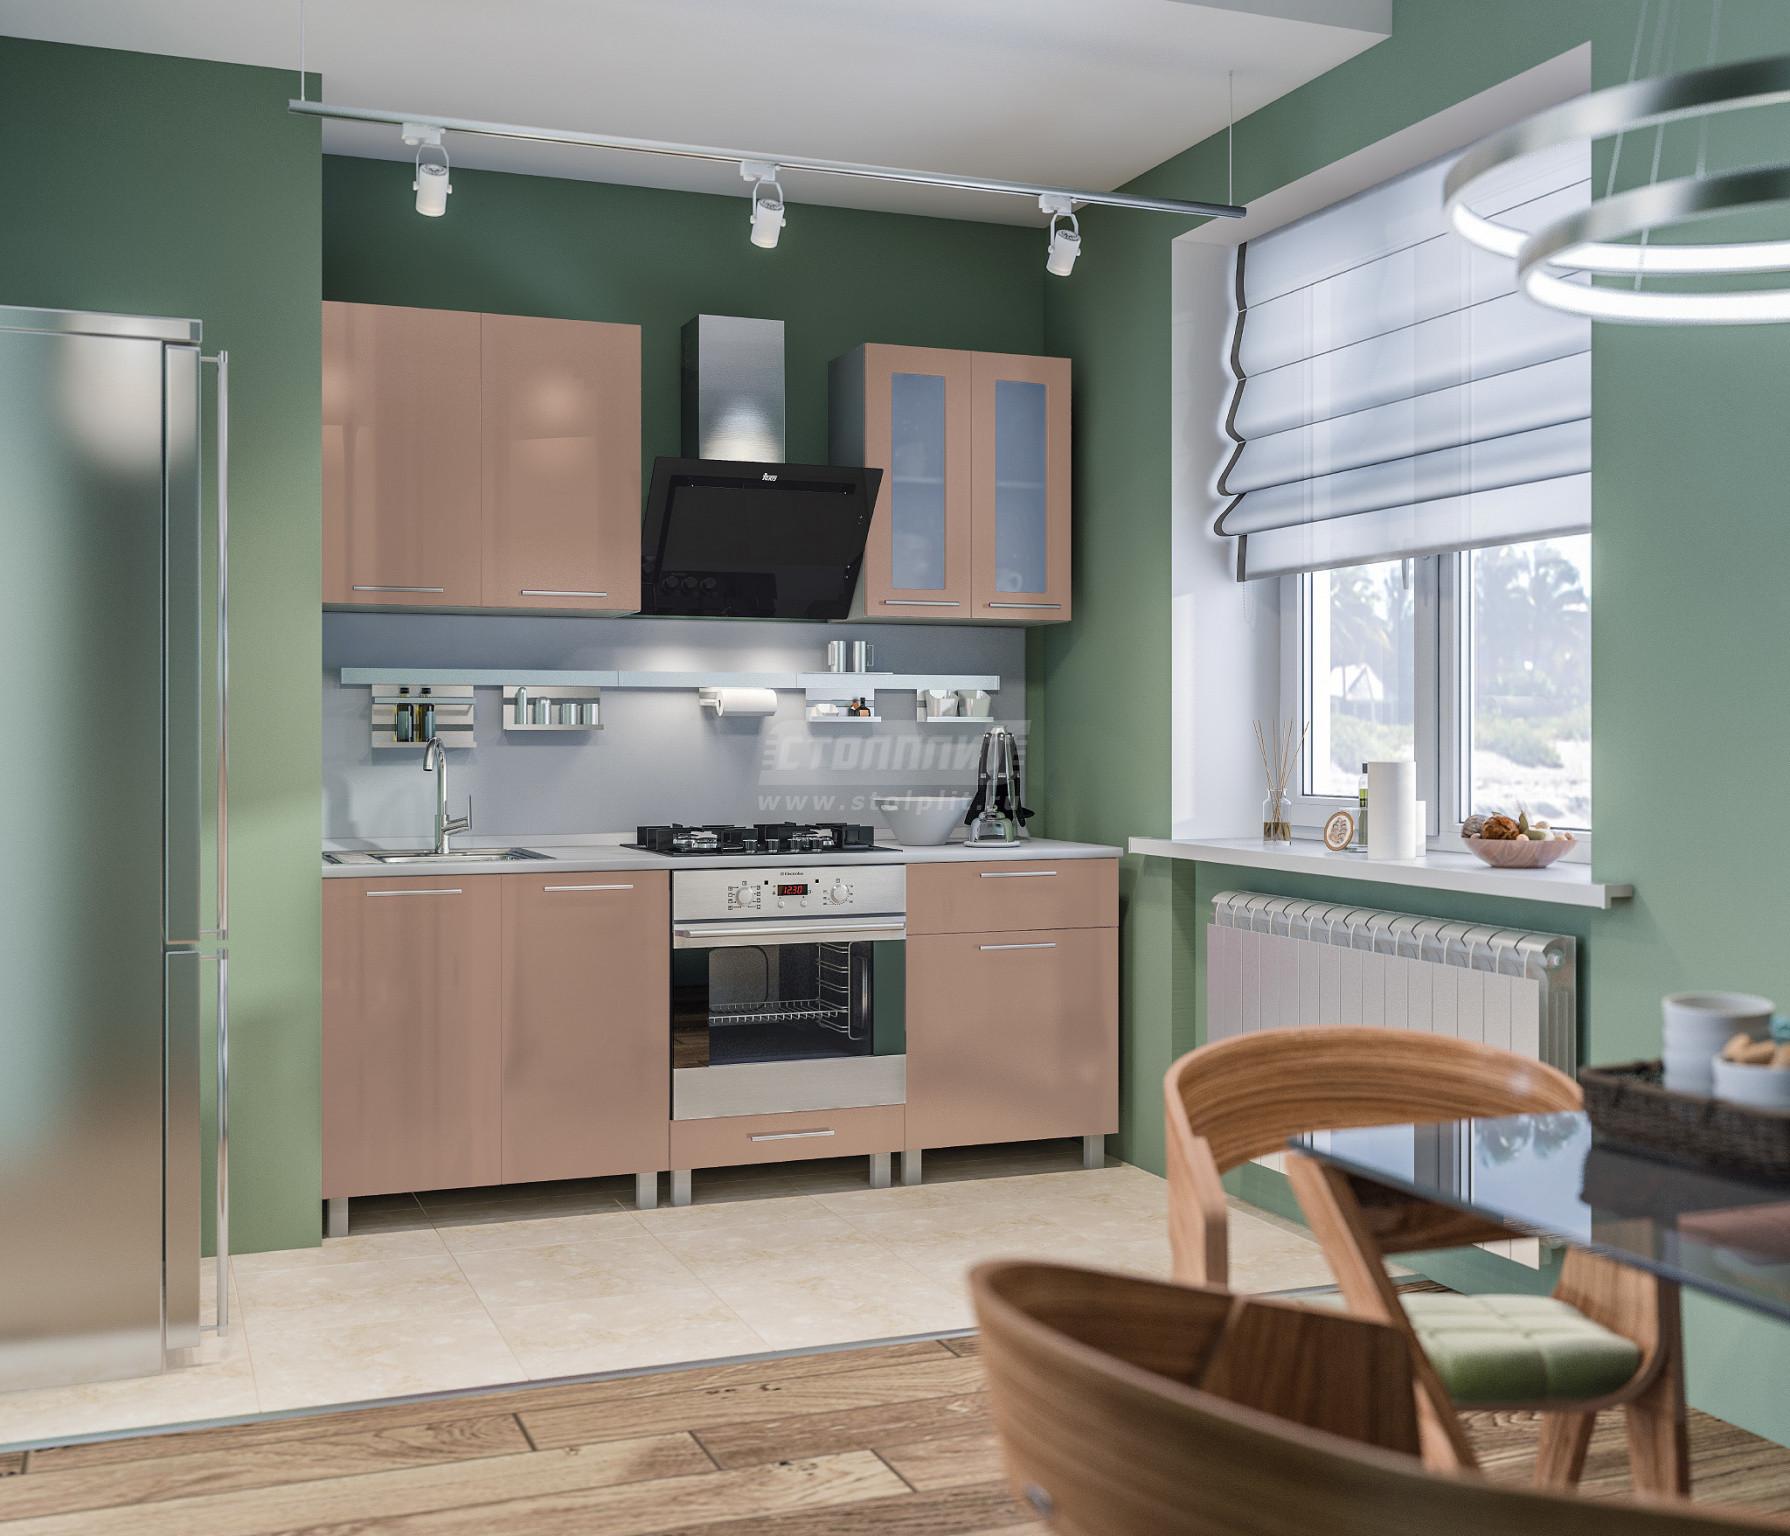 Кухня Столплит Анна L-2000 алюминий/капучино глянец 200x214x60 см